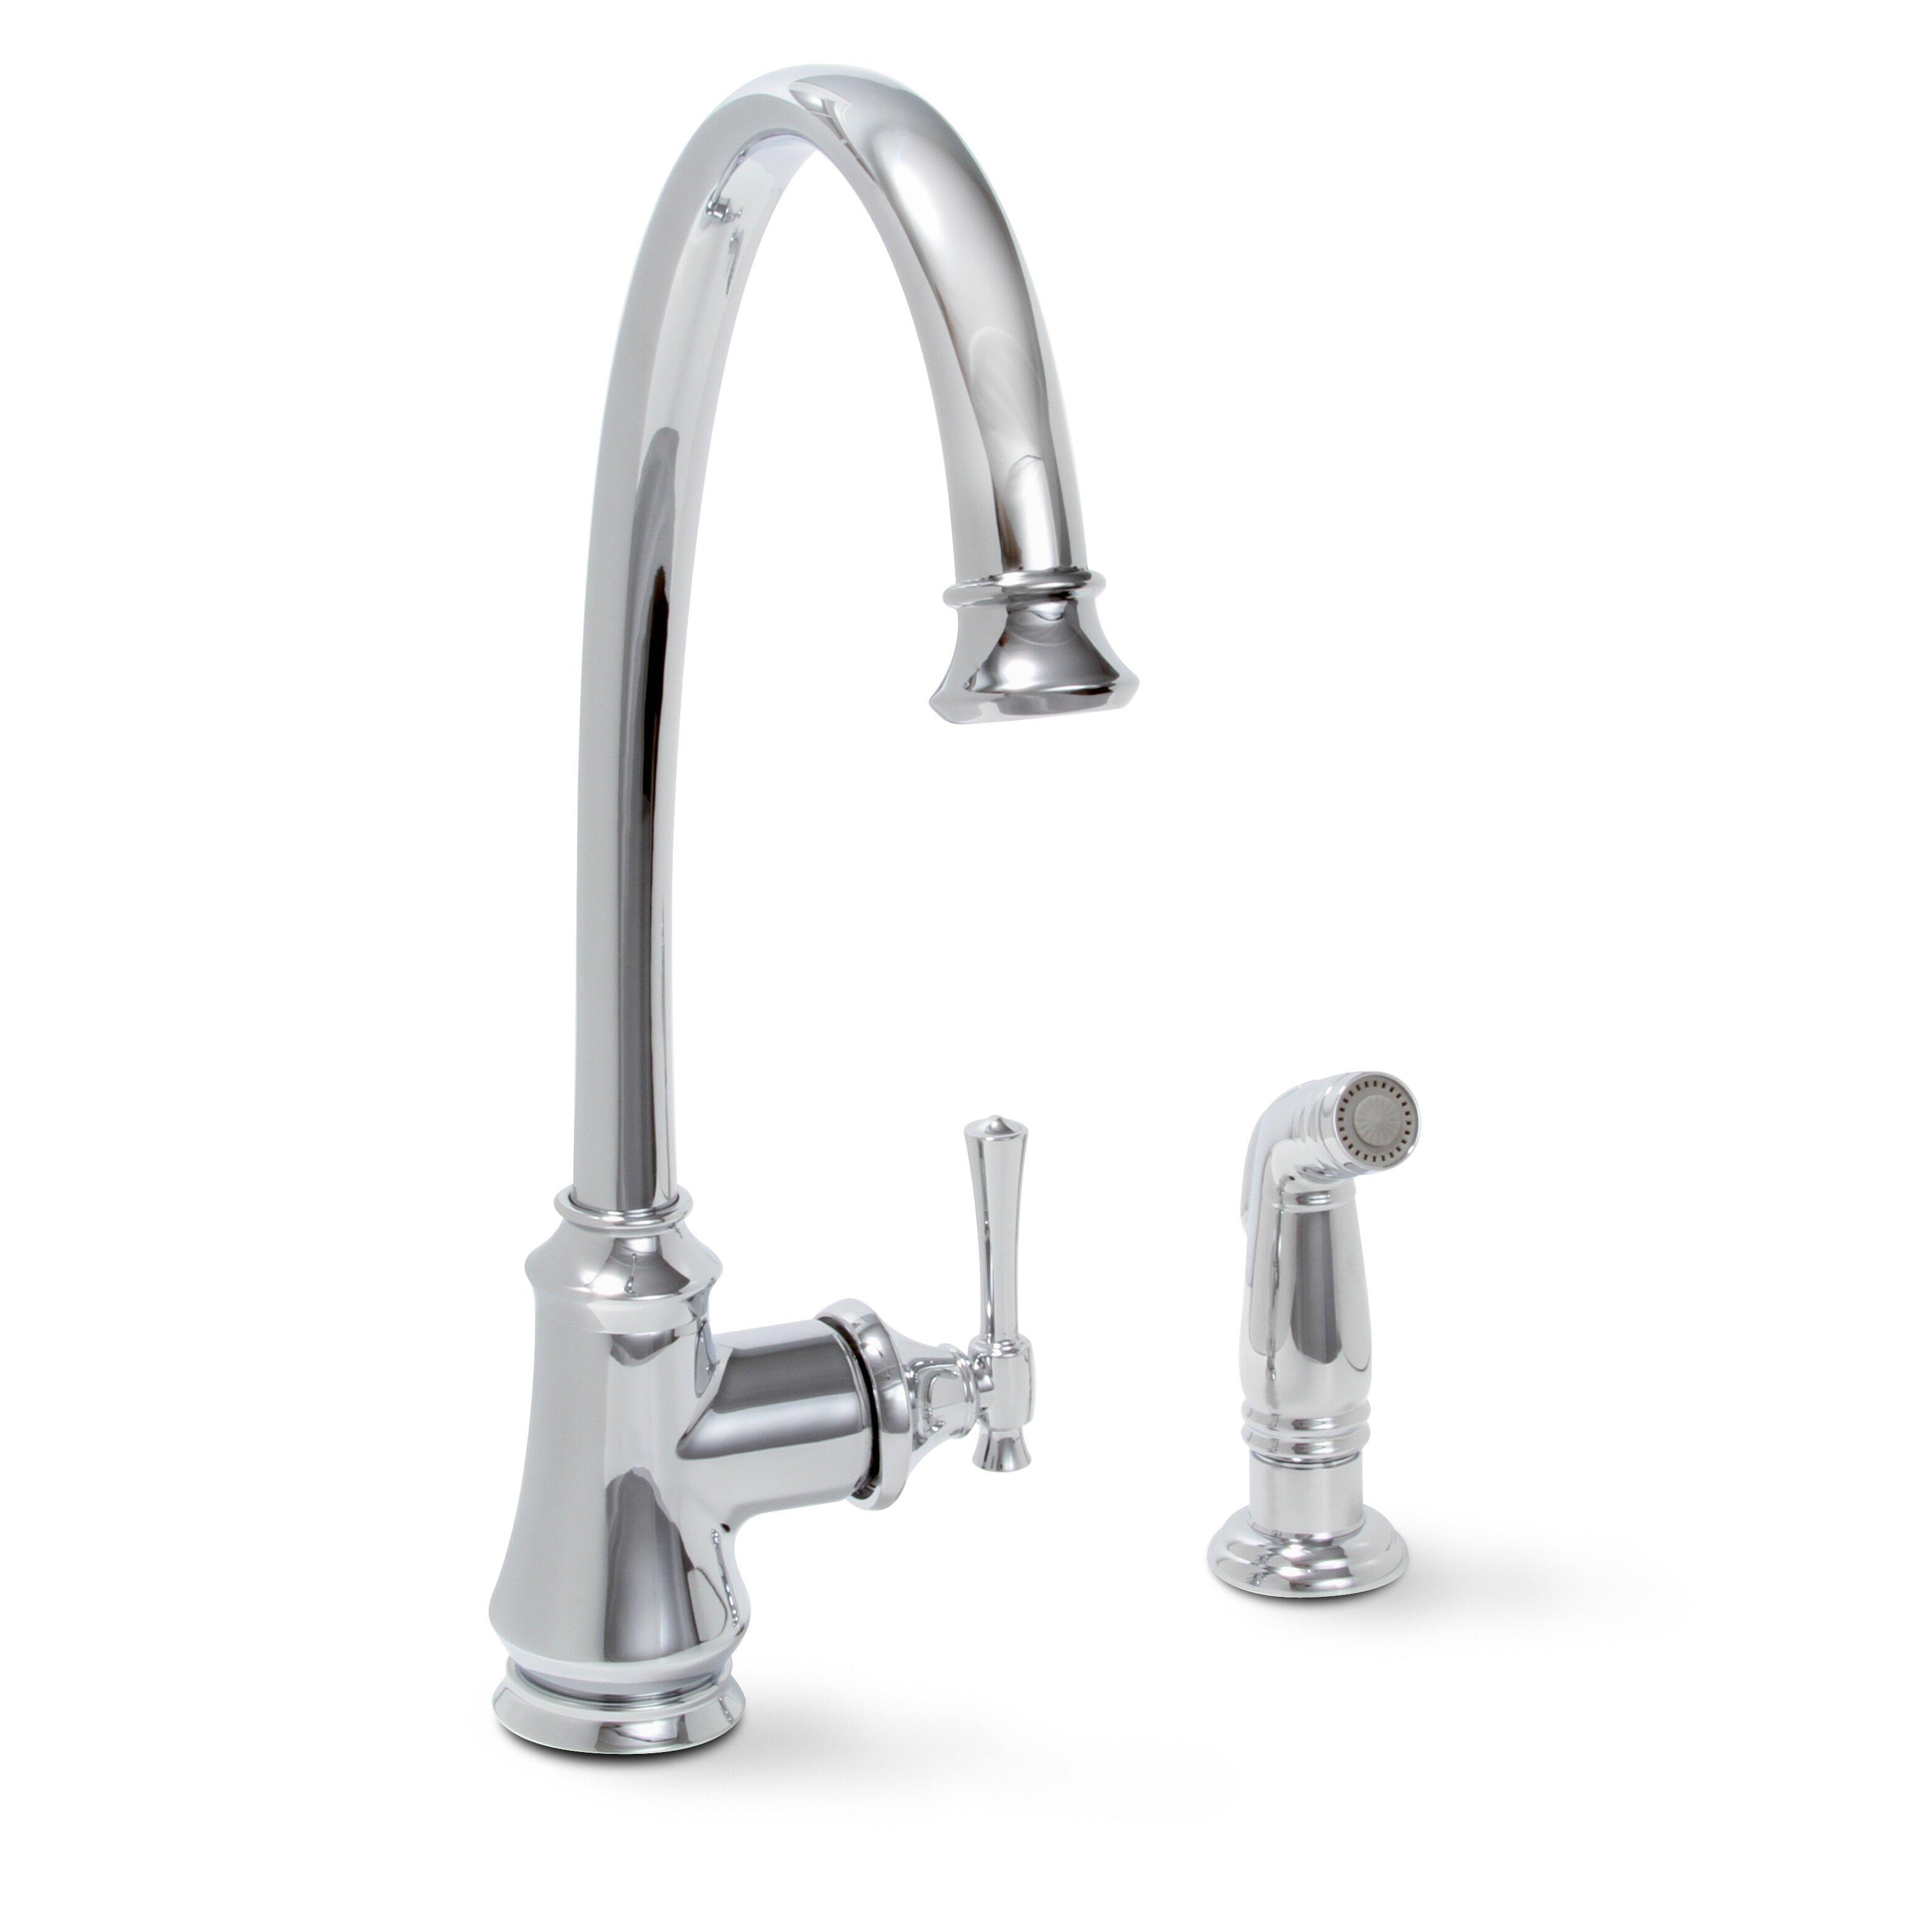 Premier Faucet Torino Single Handle Kitchen Faucet & Reviews Wayfair